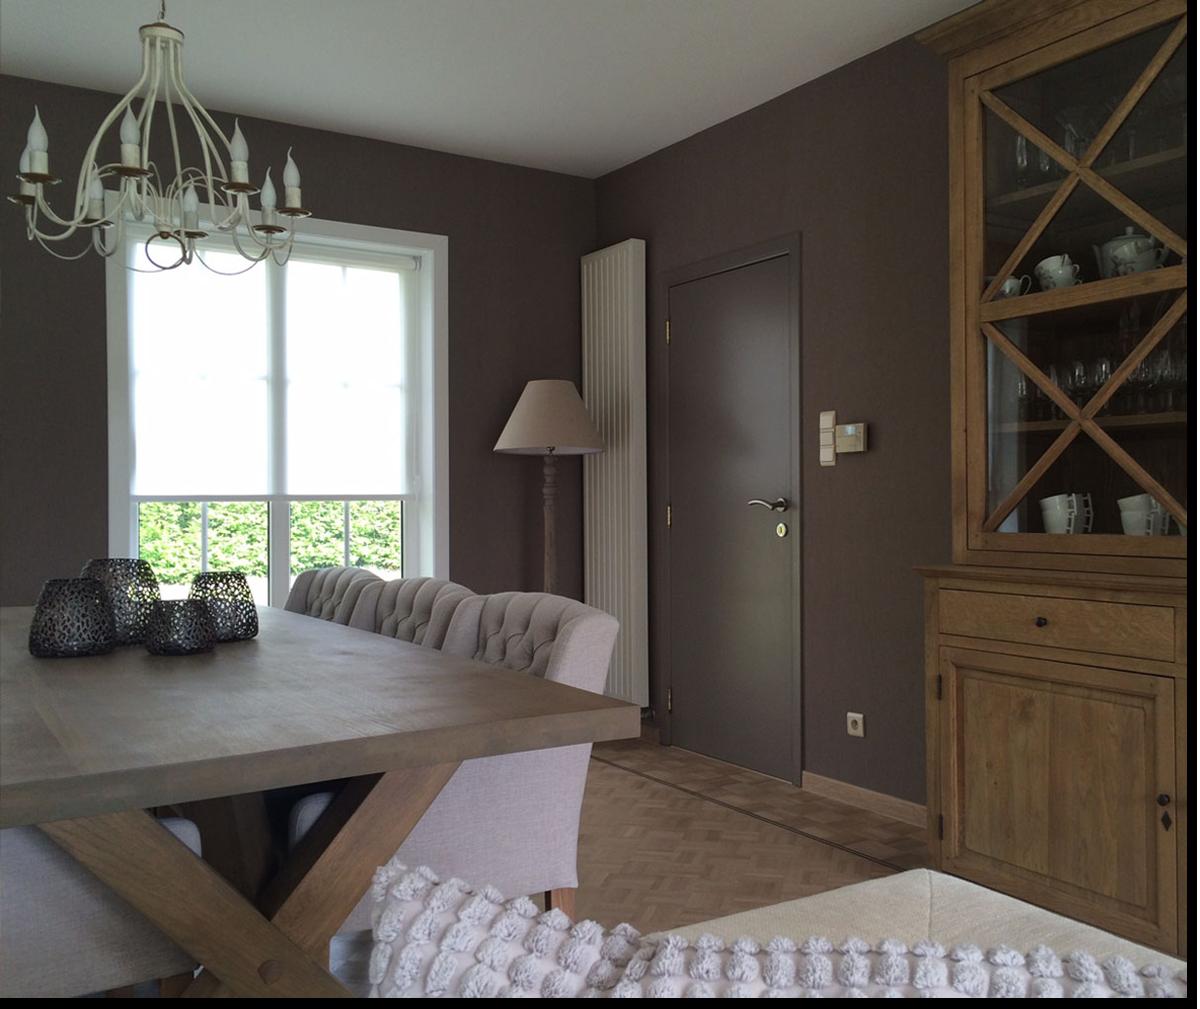 Project astene deinze landelijke stijl dekeyser for Kleuren woonkamer landelijk